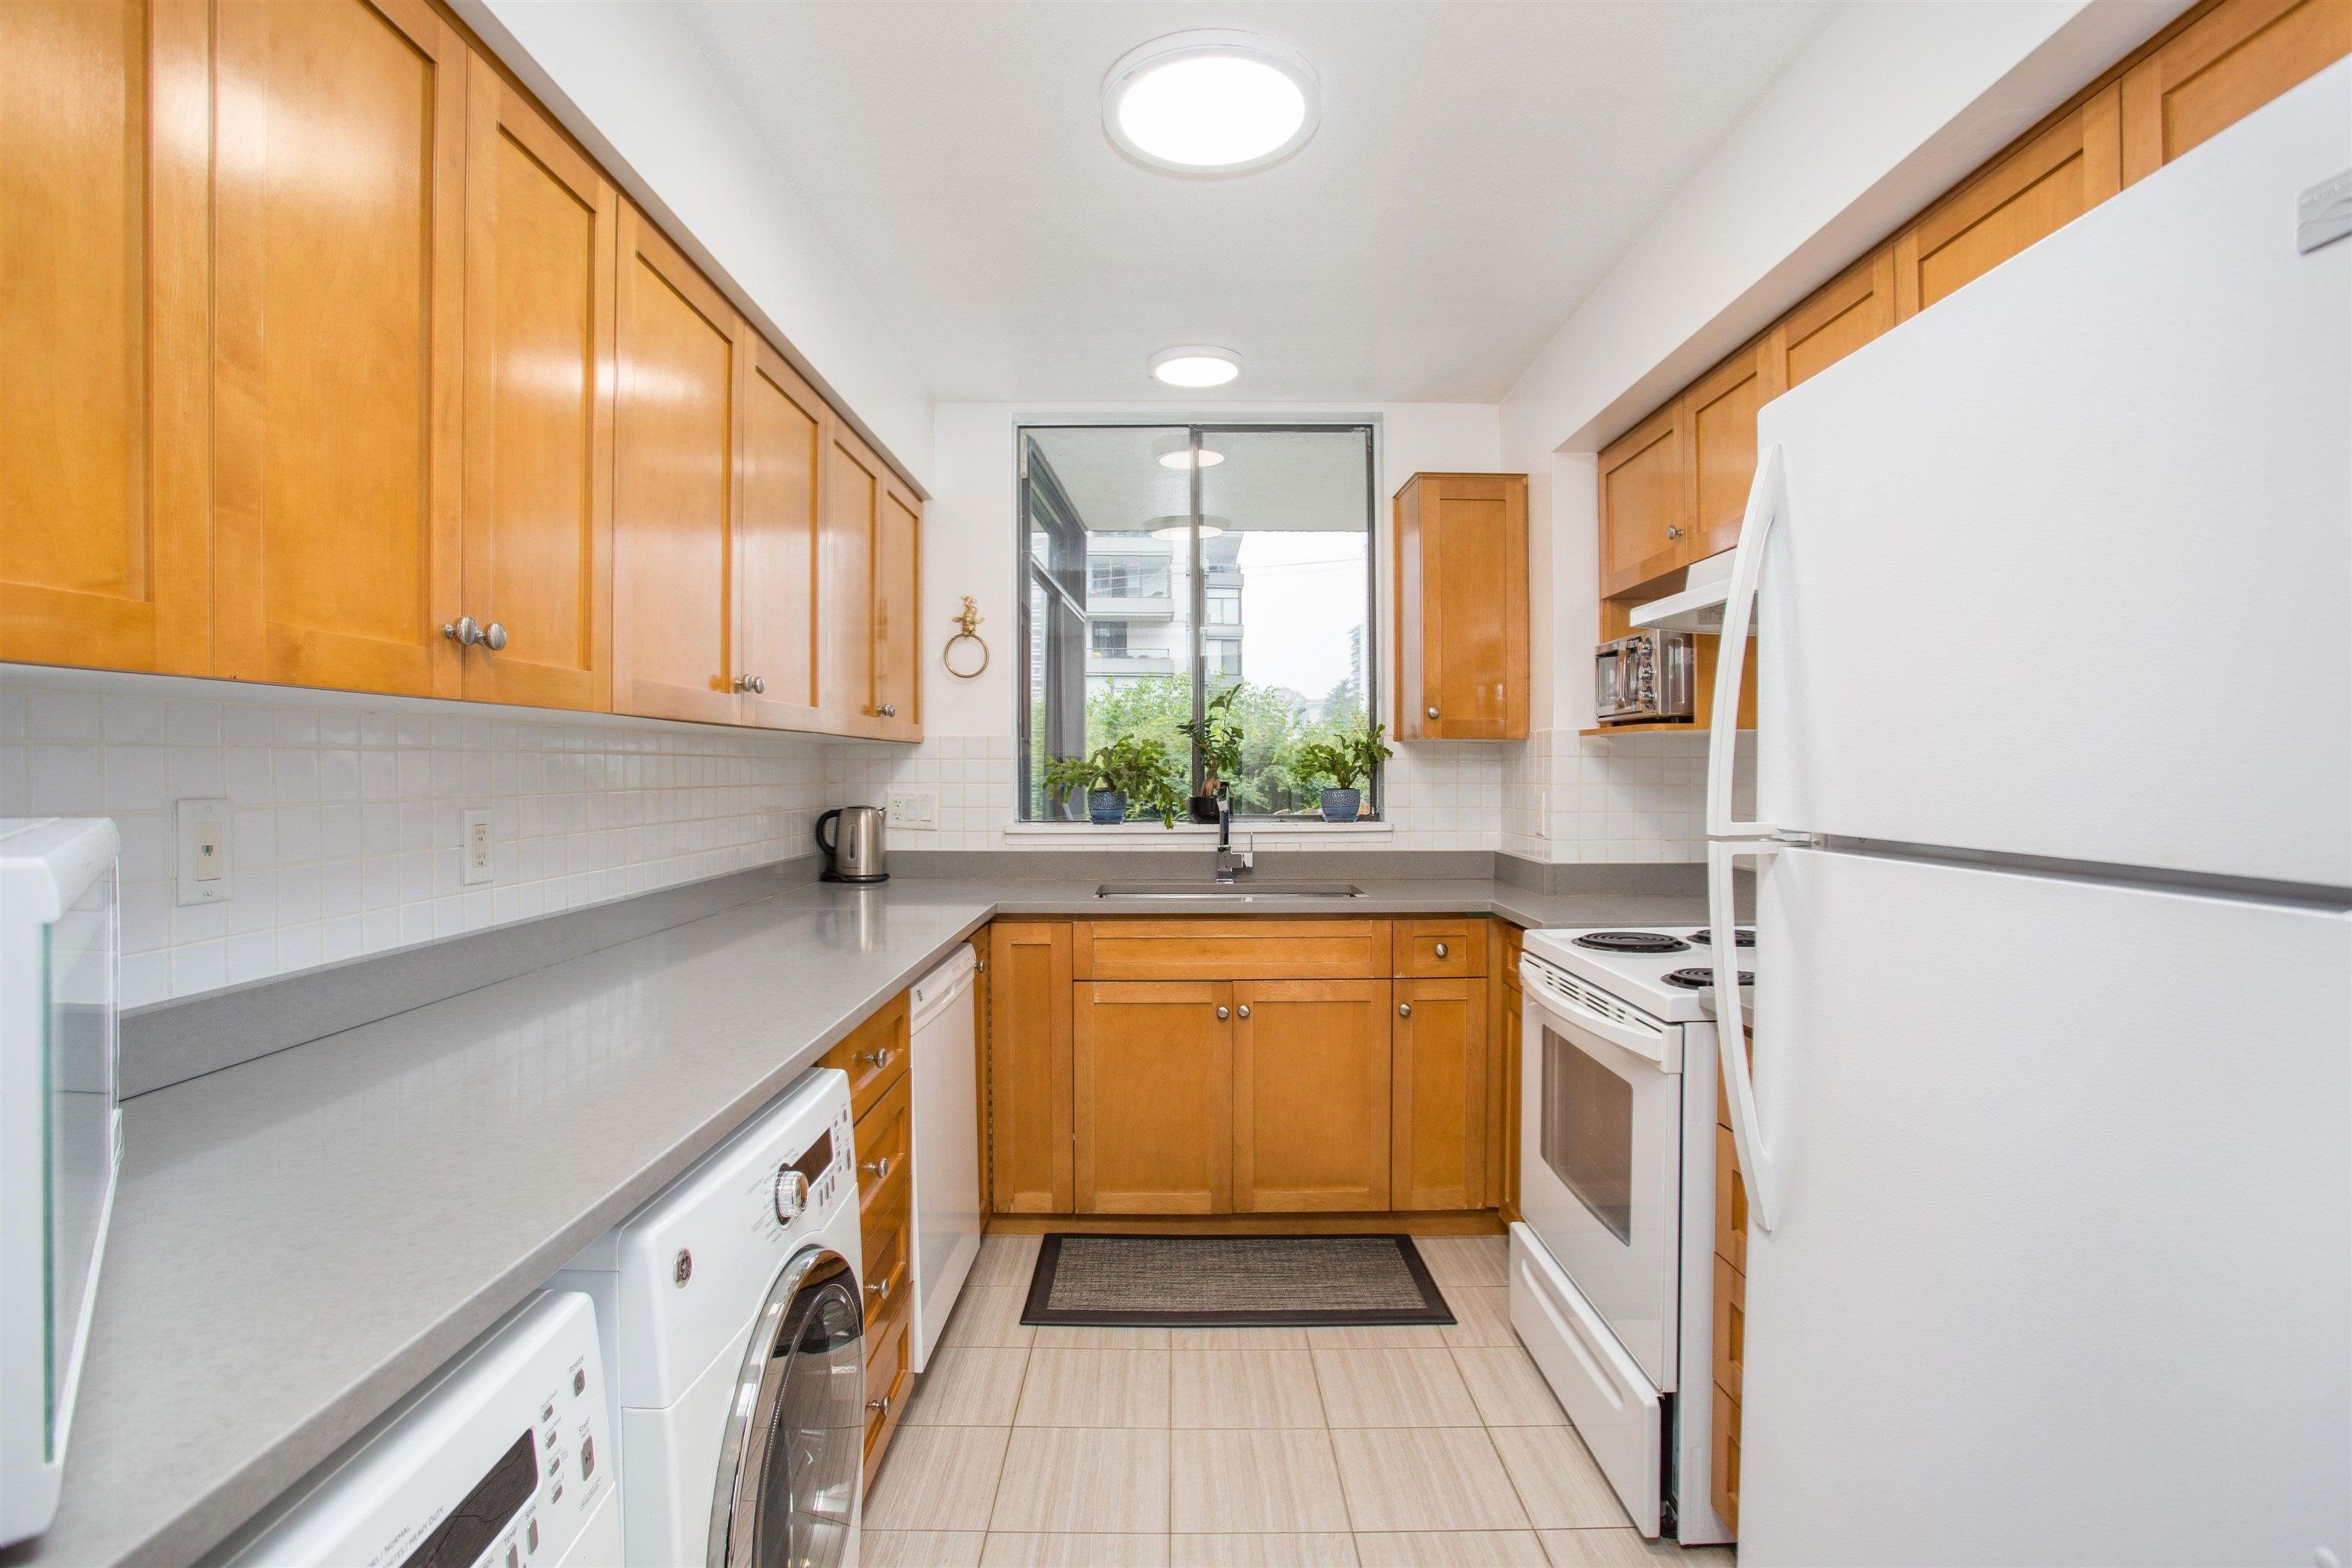 203 1390 DUCHESS AVENUE - Ambleside Apartment/Condo for sale, 1 Bedroom (R2611618) - #11